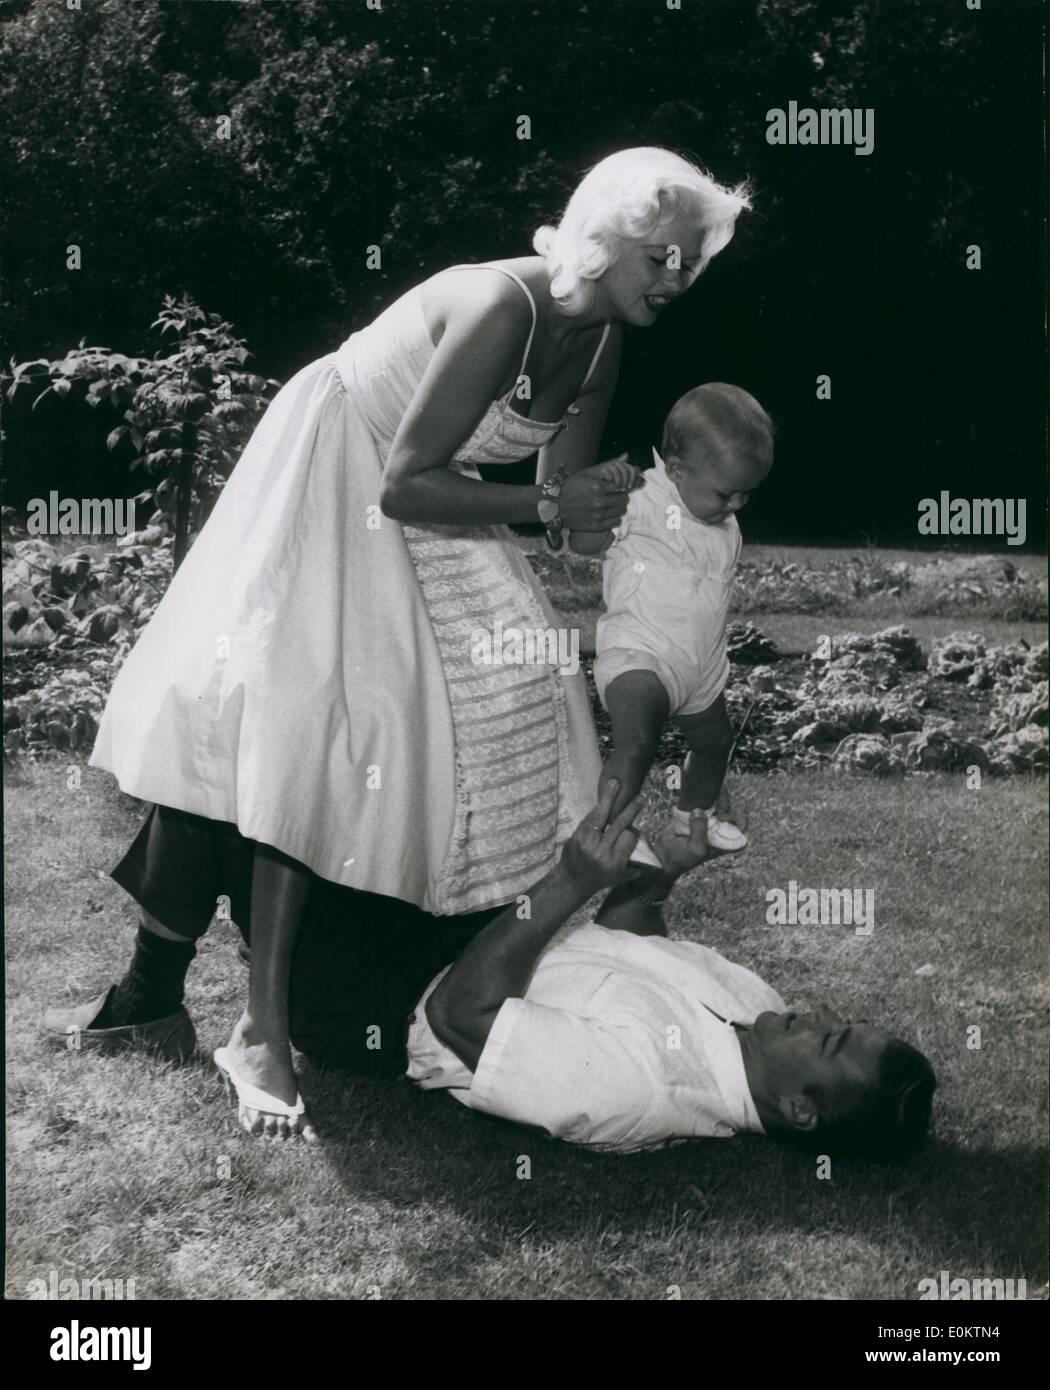 Jan 1, 1950 - mieux aller à Dada, Mama Mansfield passe son protigee au mari Mickey Hargitay, déjà d'arrache-pied sur son dos. À la maison avec les Mansfields; le 18ème siècle accueil pays de l'acteur Hubert Greeg dans la petite communauté de Gerrards Cross, Buckinghamshire, est devenu une véritable ruche d'sibnce cinemorsel - activité Jayne Mansfield, son mari musclés Mickey H~rgitay, leur fille et nouvelle arrivée, baby boy Miklos, propose à titre d'invités )''je ne laisserais pas ma maison'' dit gragg) alors que sa part dans Jayne naviguaient dans les titres de film ''TROP CHAUD trop manipuler'' réalisés ici Photo Stock